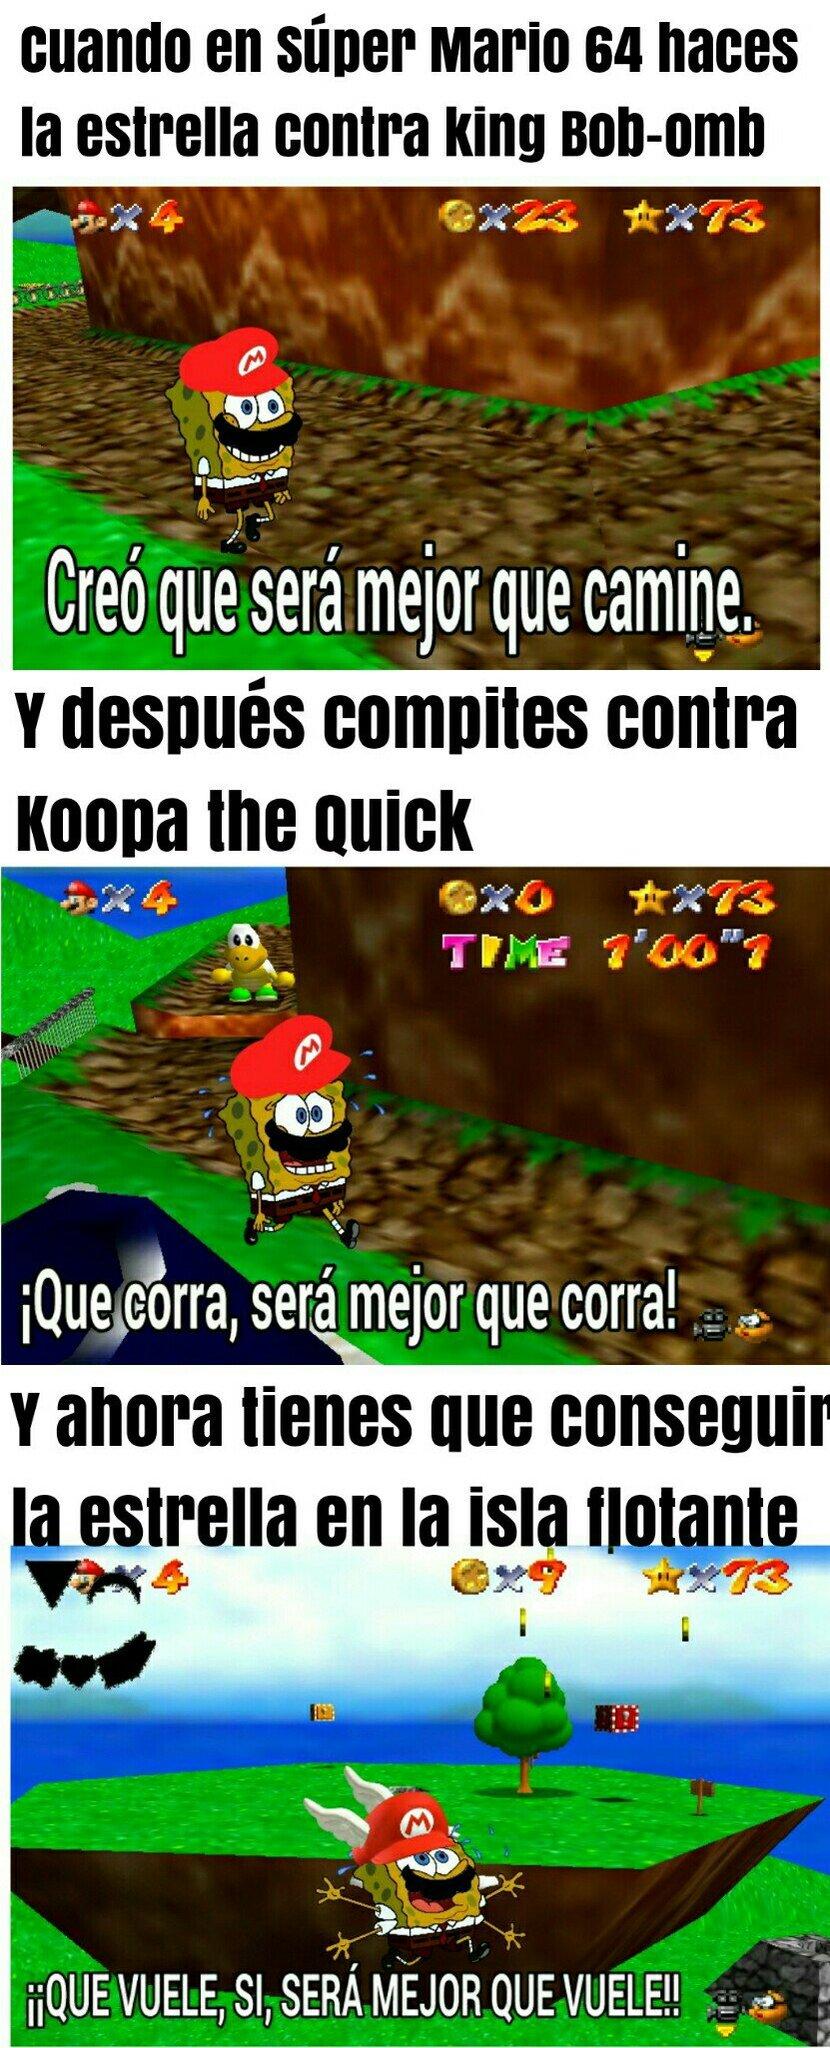 Subiré más memes de Súper Mario 64.